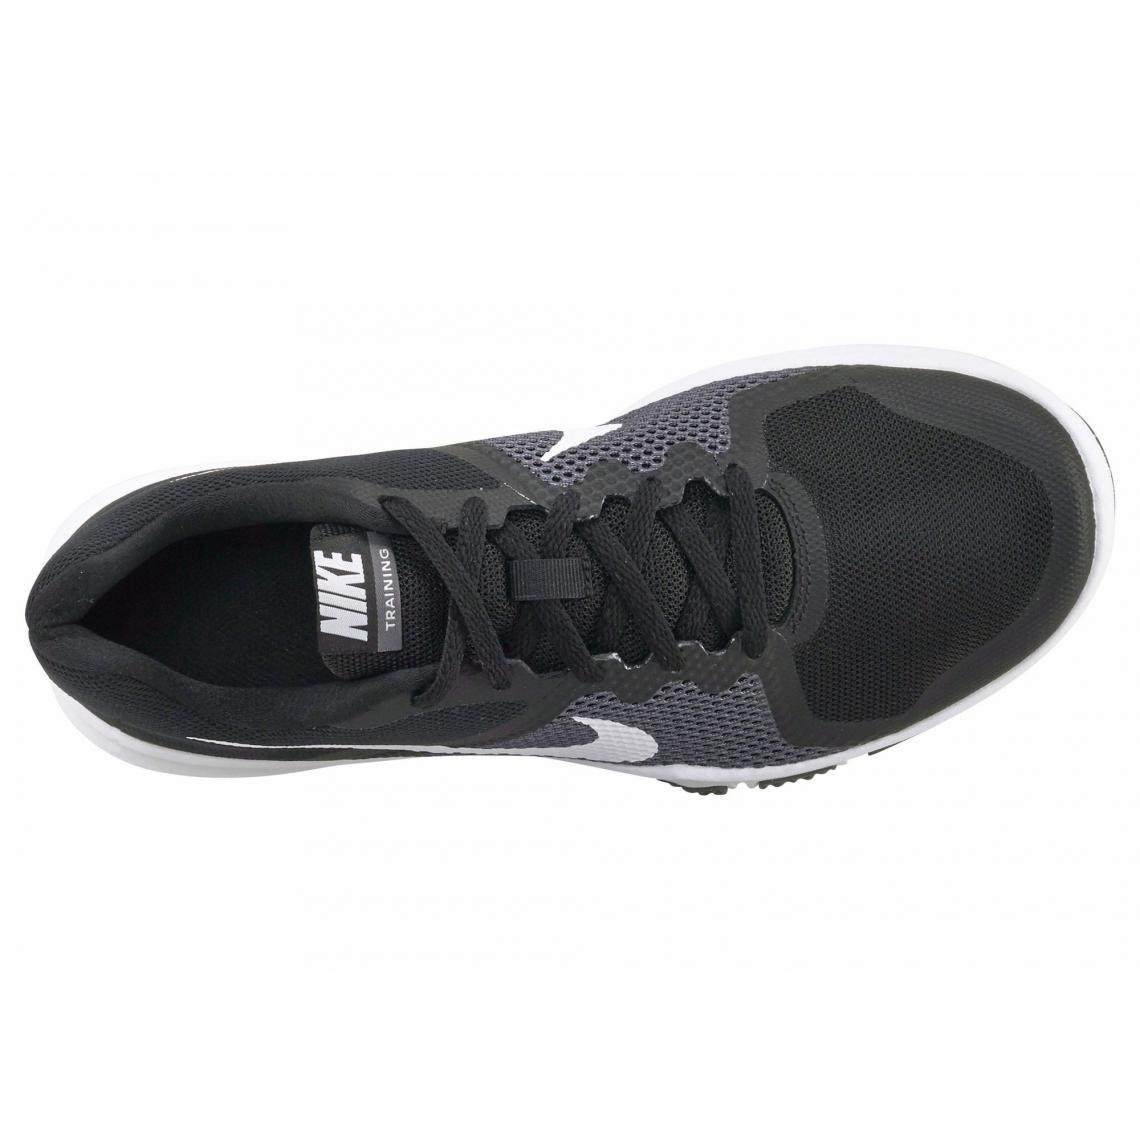 Noir 3suisses Flex Nike Homme De Chaussures Control Sport zYwYaq0